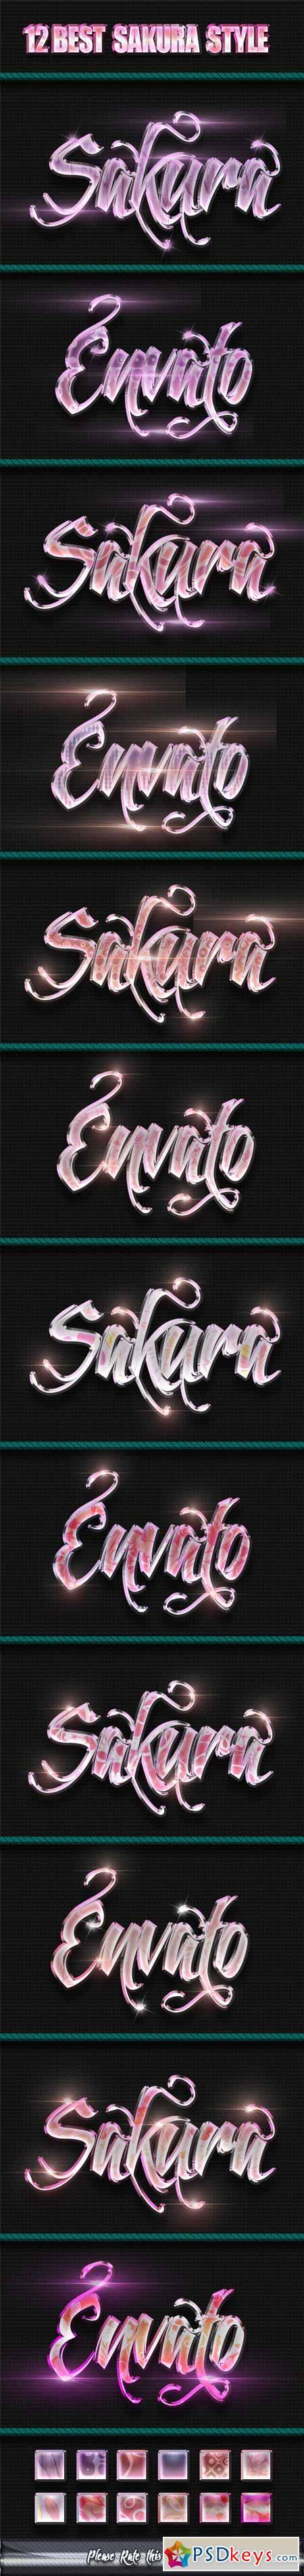 12 Best Sakura Styles 12866807